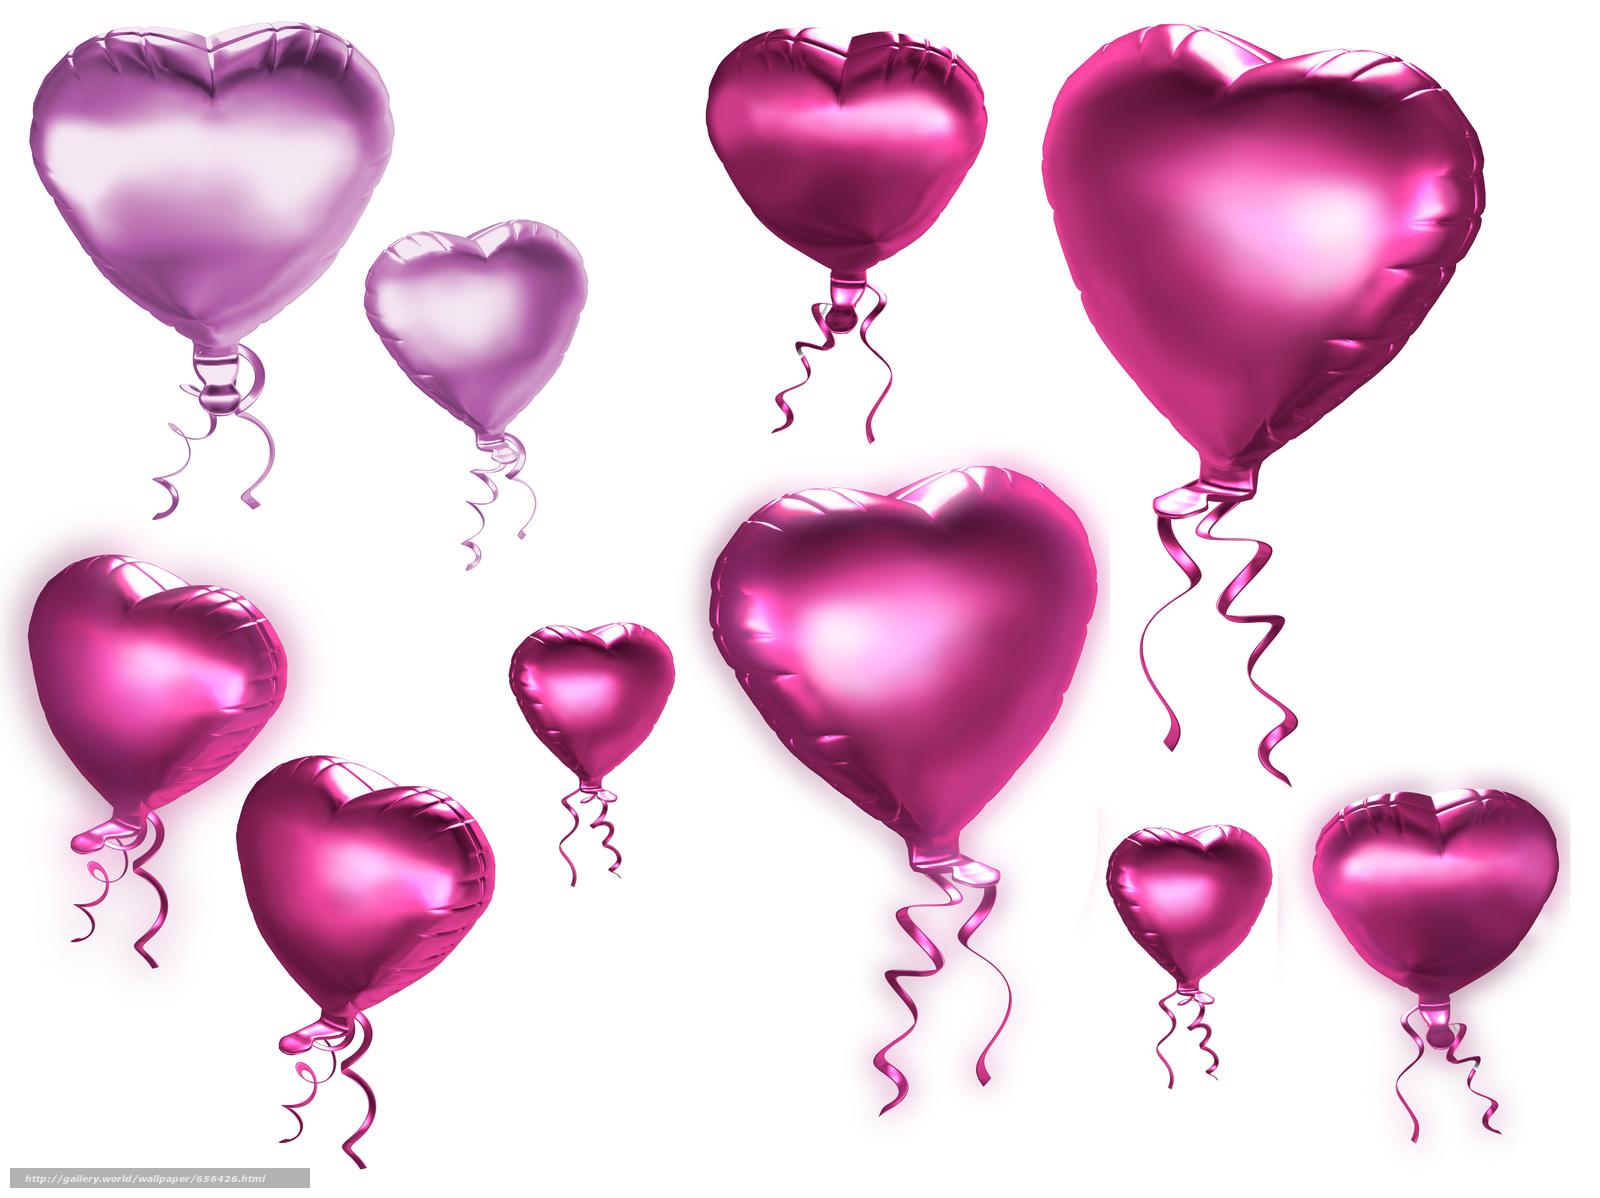 Скачать обои день святого валентина,  день всех влюбленных,  праздник,  сердце бесплатно для рабочего стола в разрешении 4806x3597 — картинка №656426